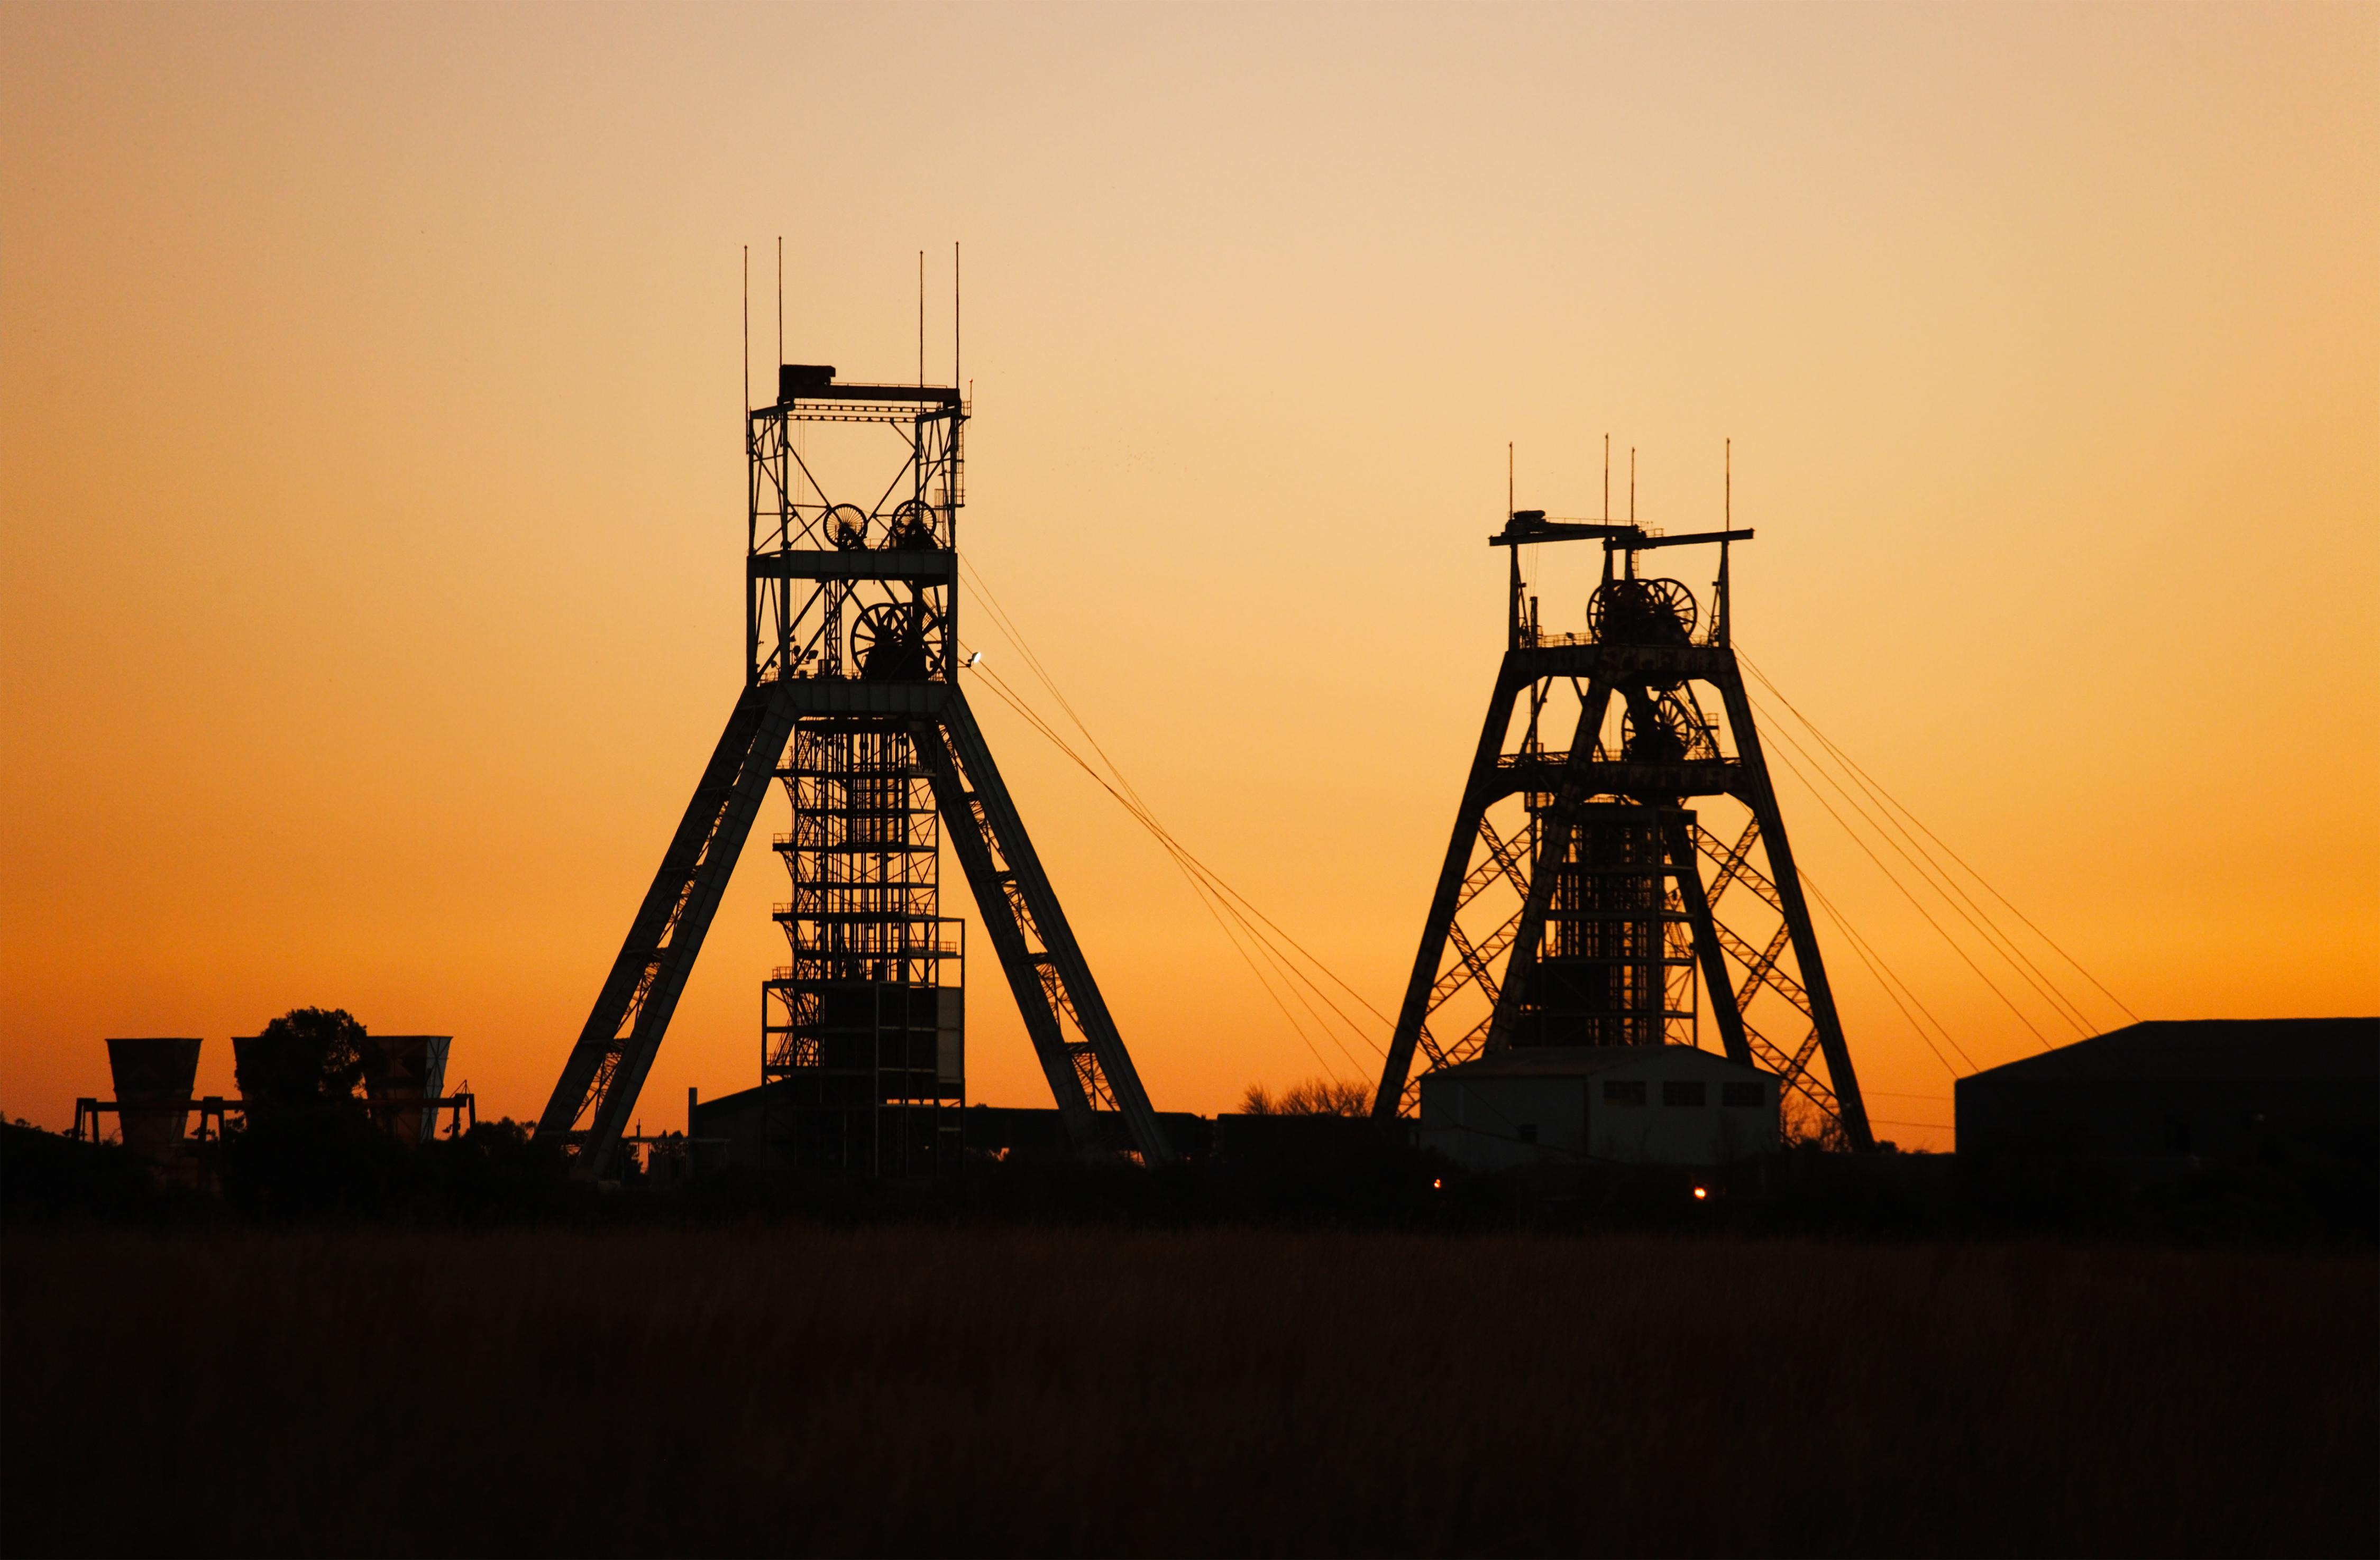 Un parque de atracciones para viajar al Johannesburgo minero - Sudáfrica Safari Kruger y Ciudad del Cabo